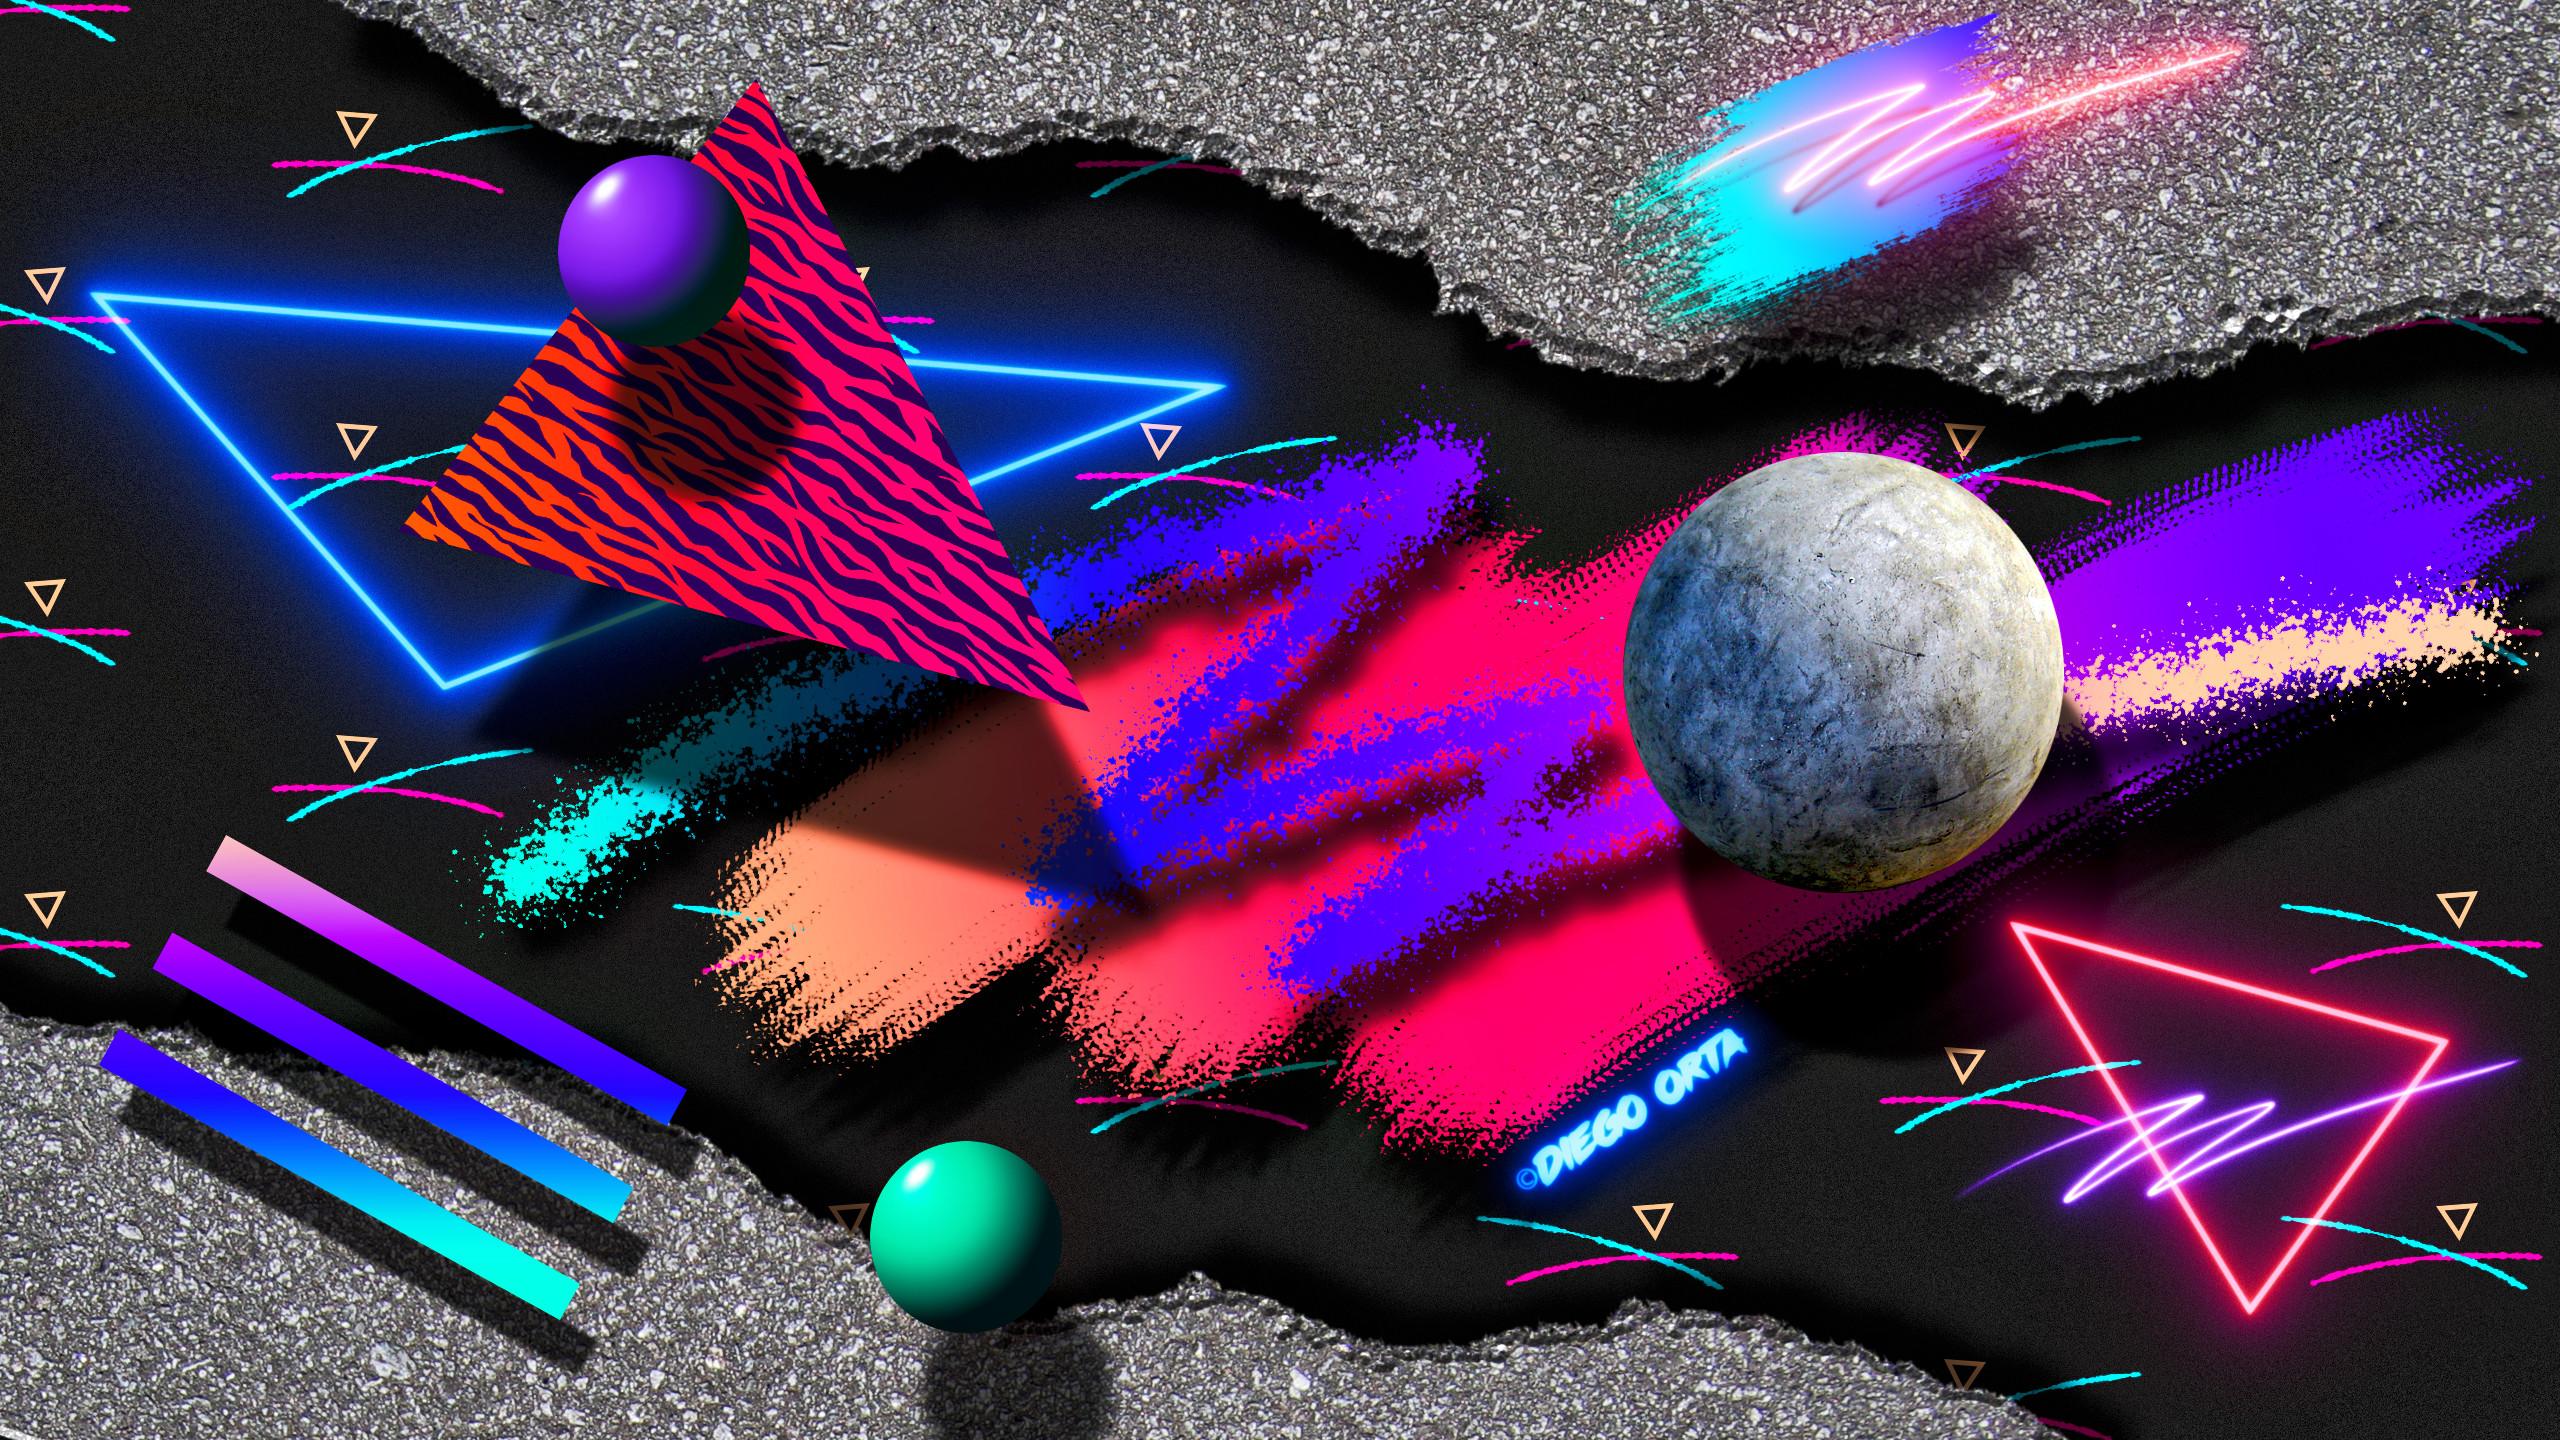 Aesthetic 90s Desktop Wallpapers - Wallpaper Cave